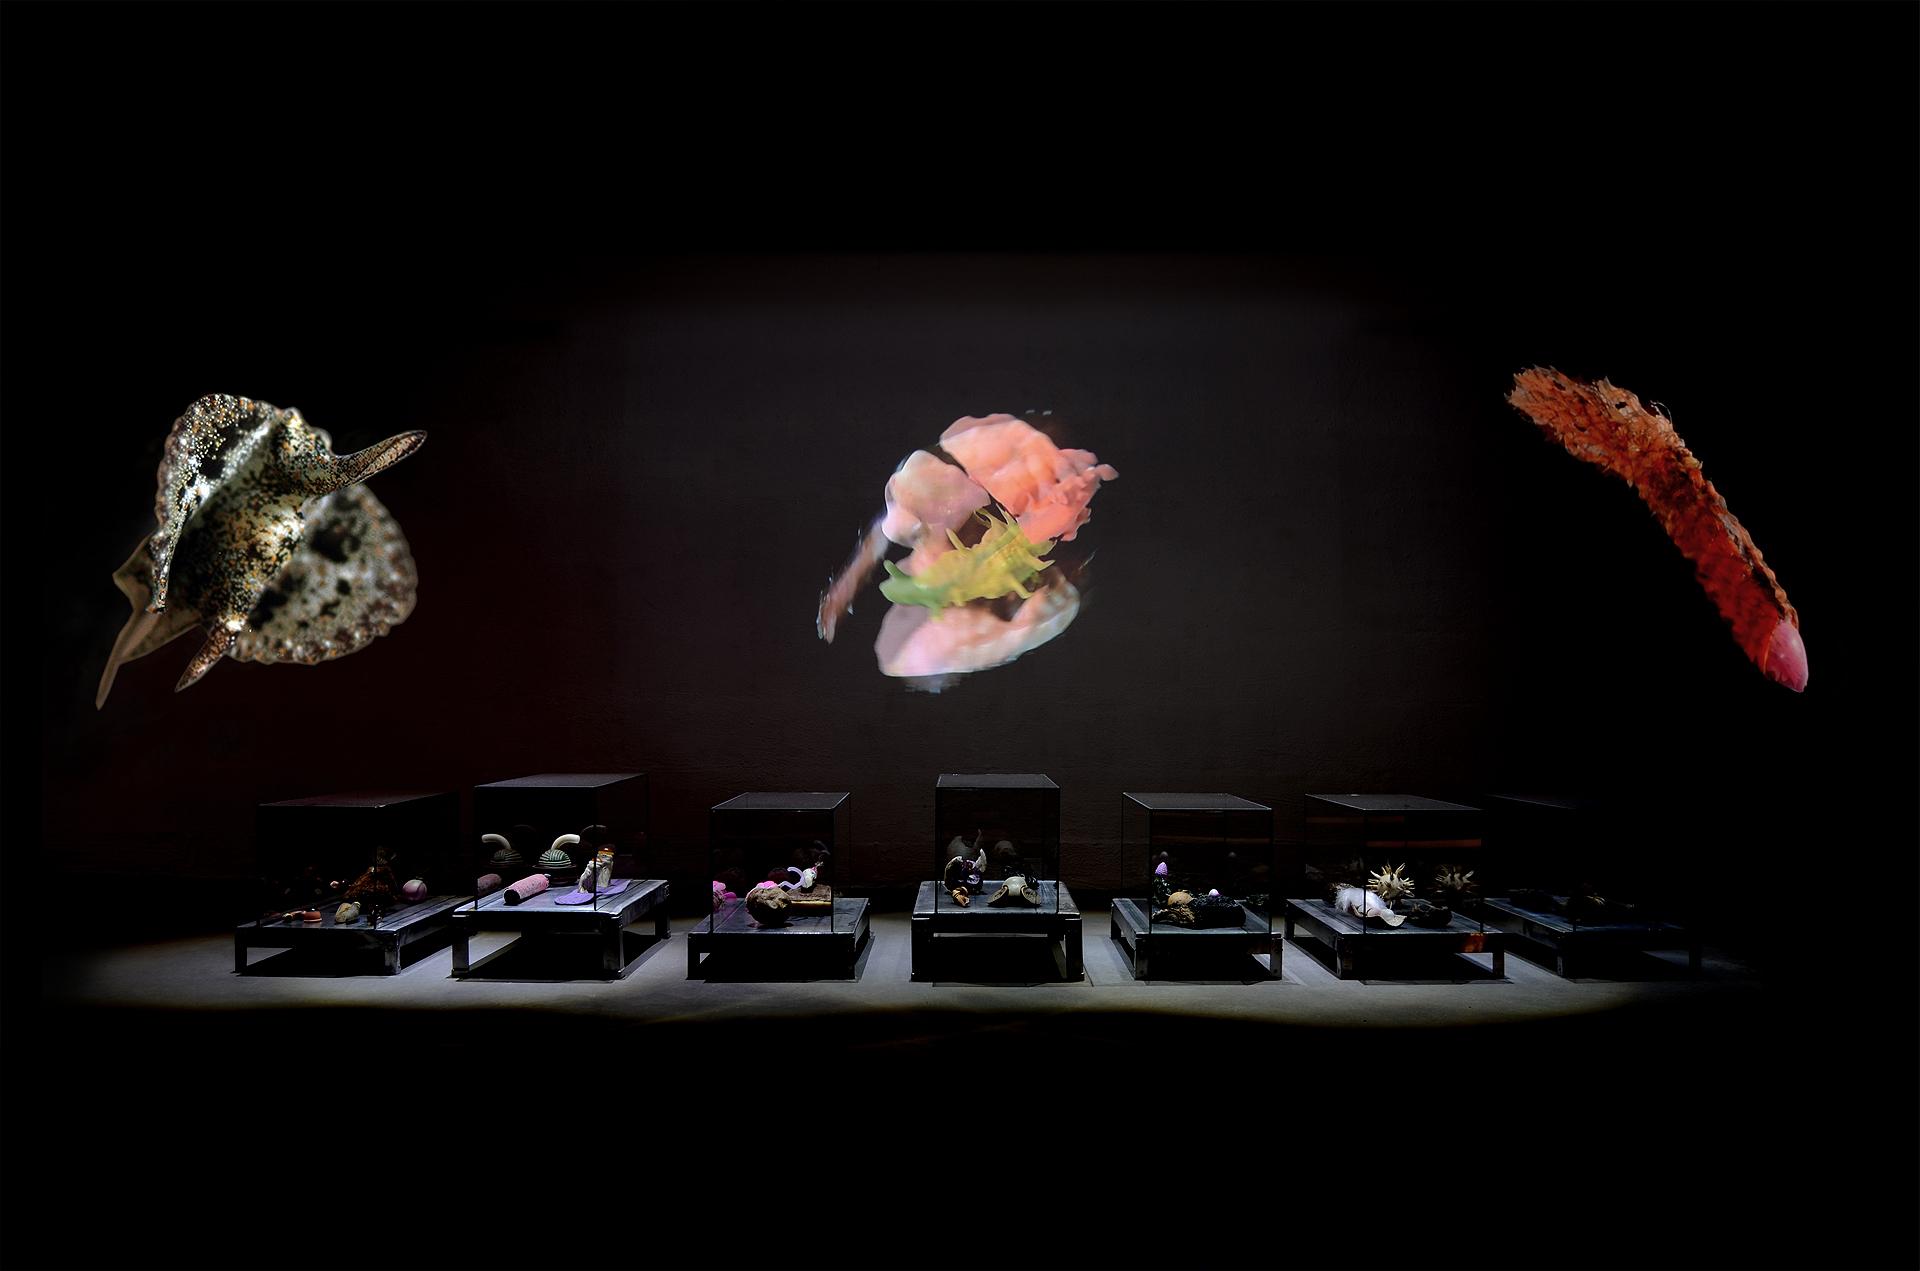 Ausstellungsansicht der Installation Transnature von Stefan Zoellner im Saarländischen Künstlerhaus, 7 Vitrinen und Video